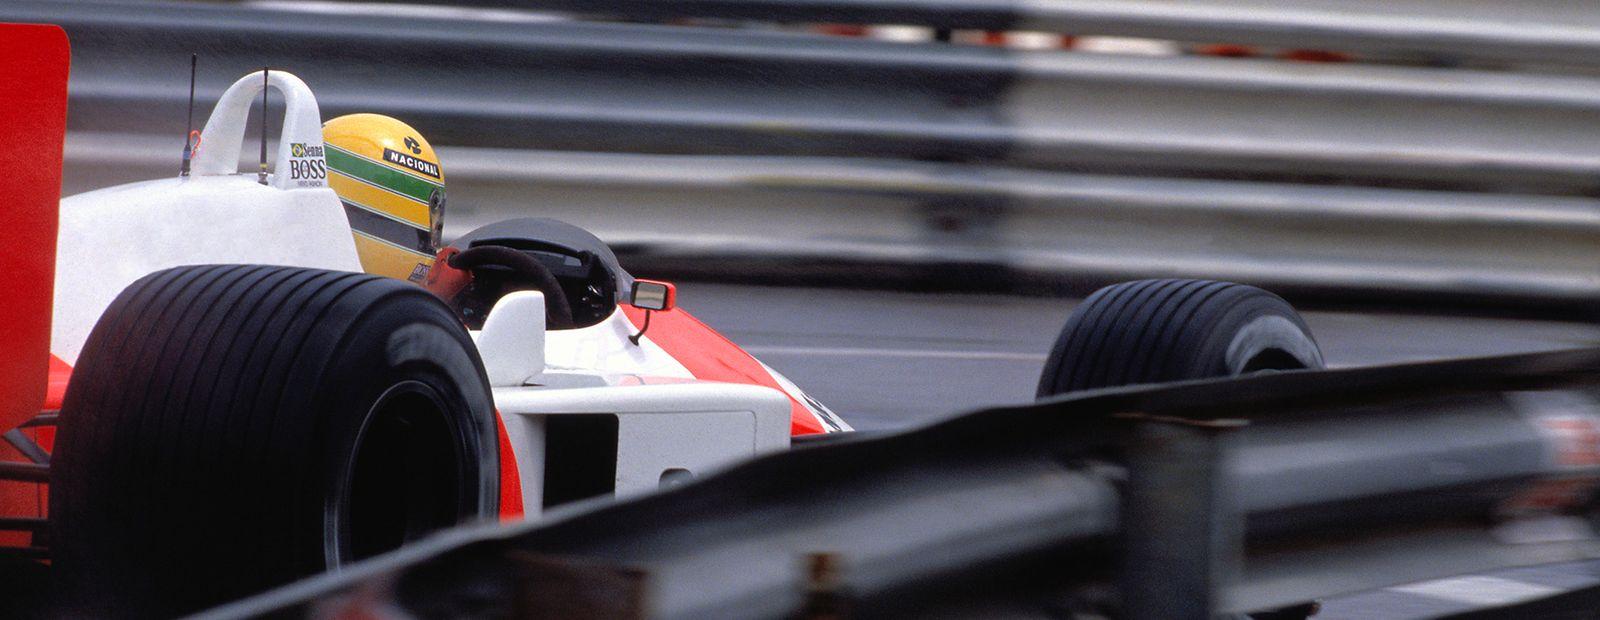 The 1988 Monaco Grand Prix